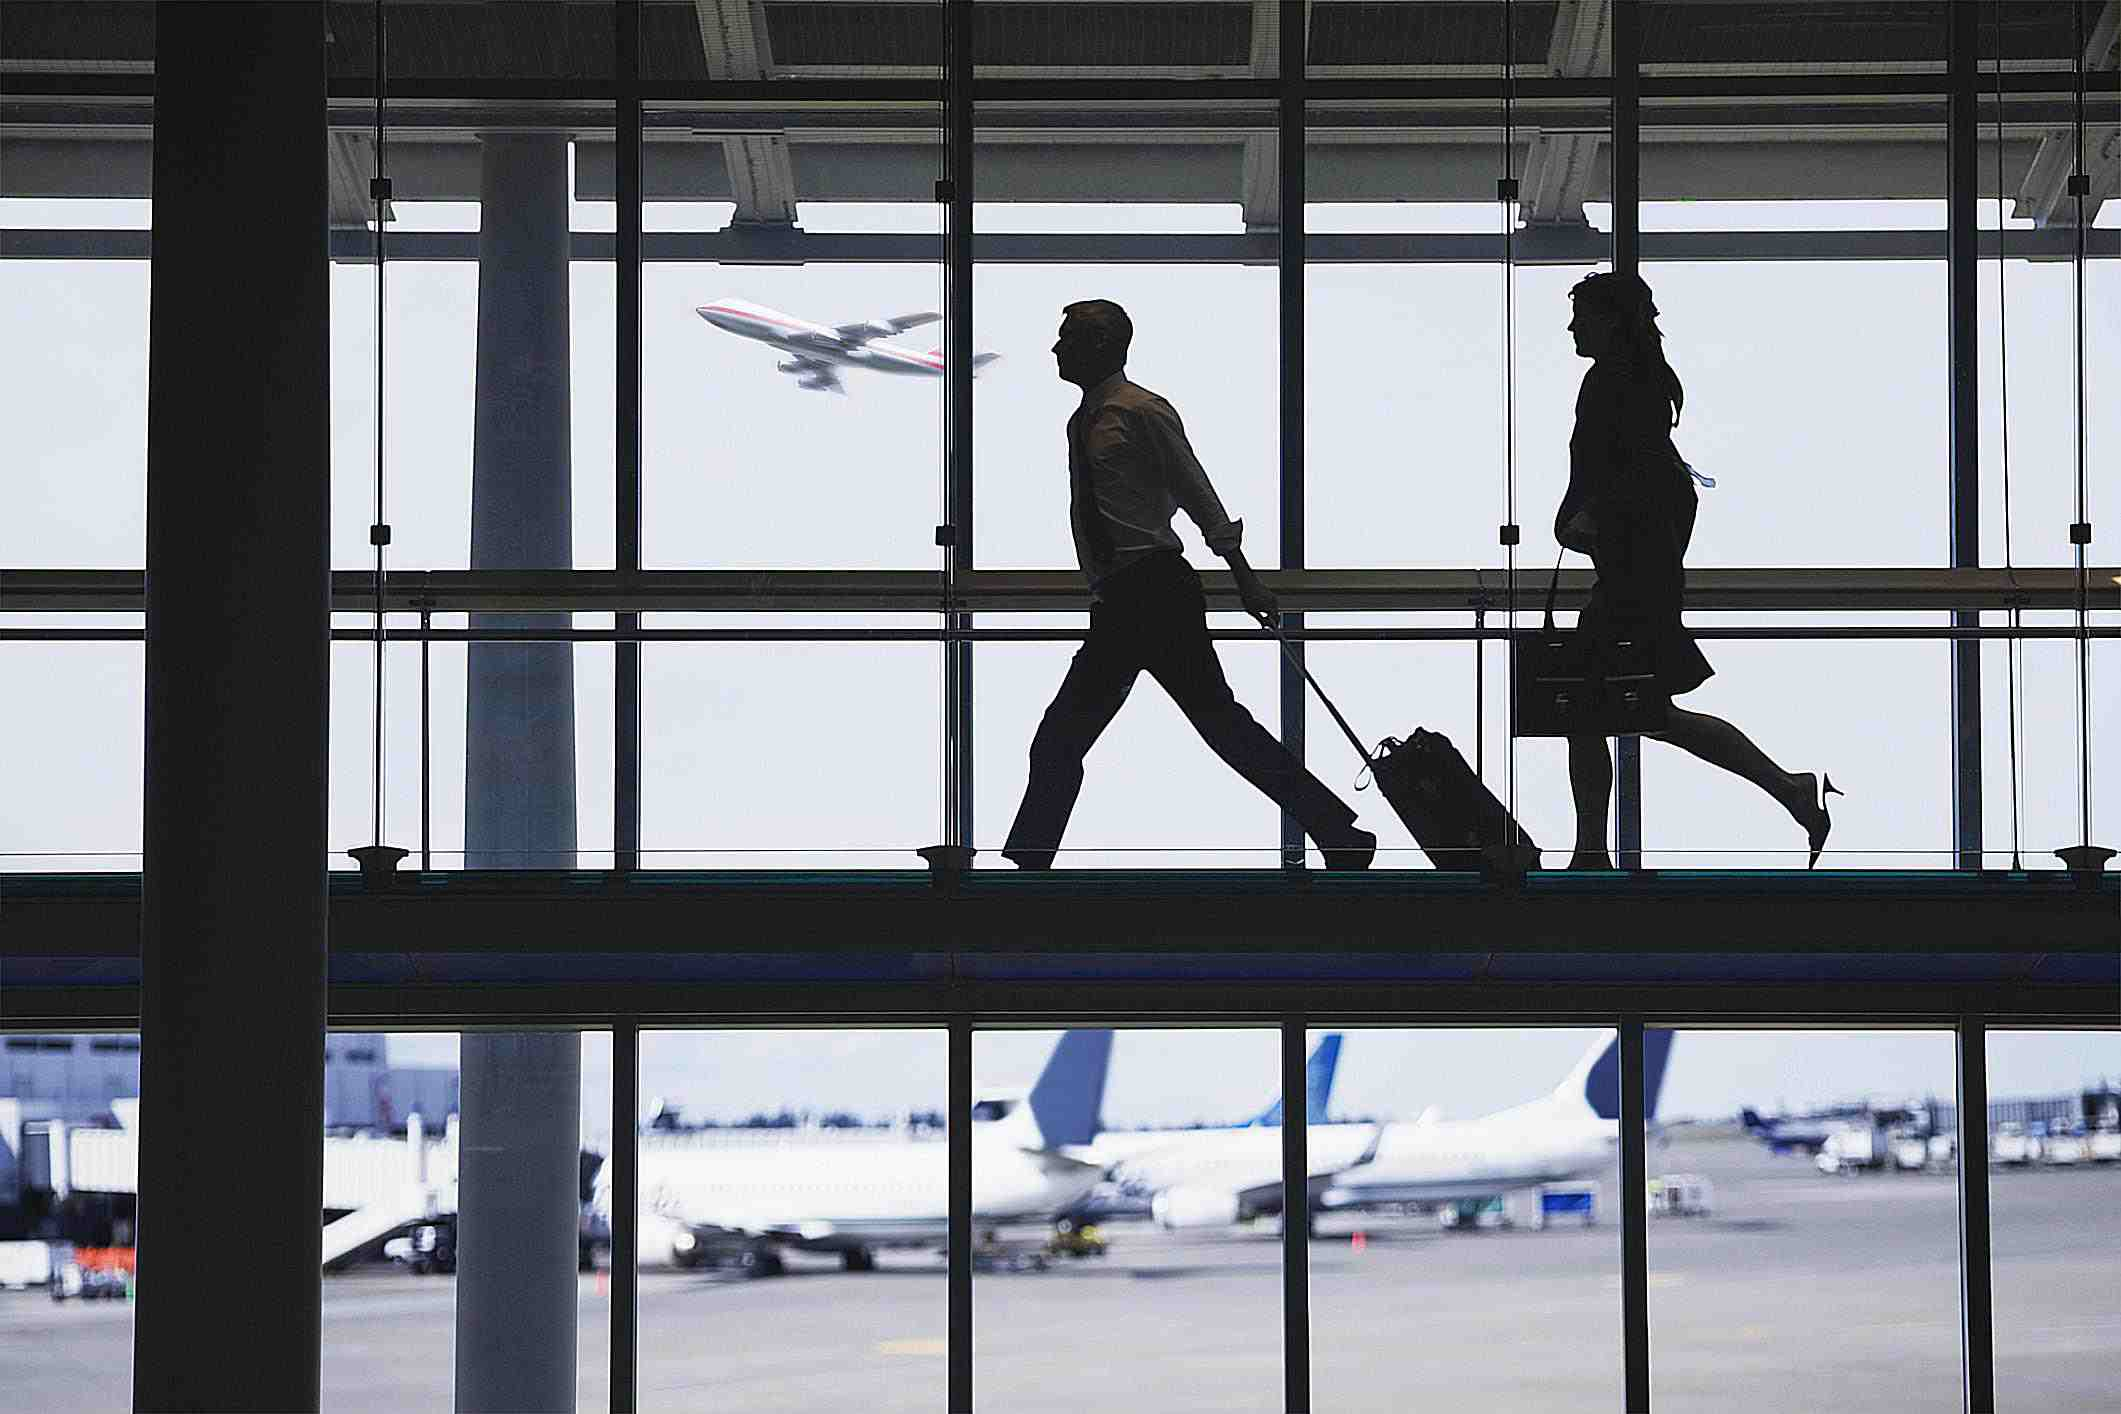 نمایی از مسافرین در فرودگاه